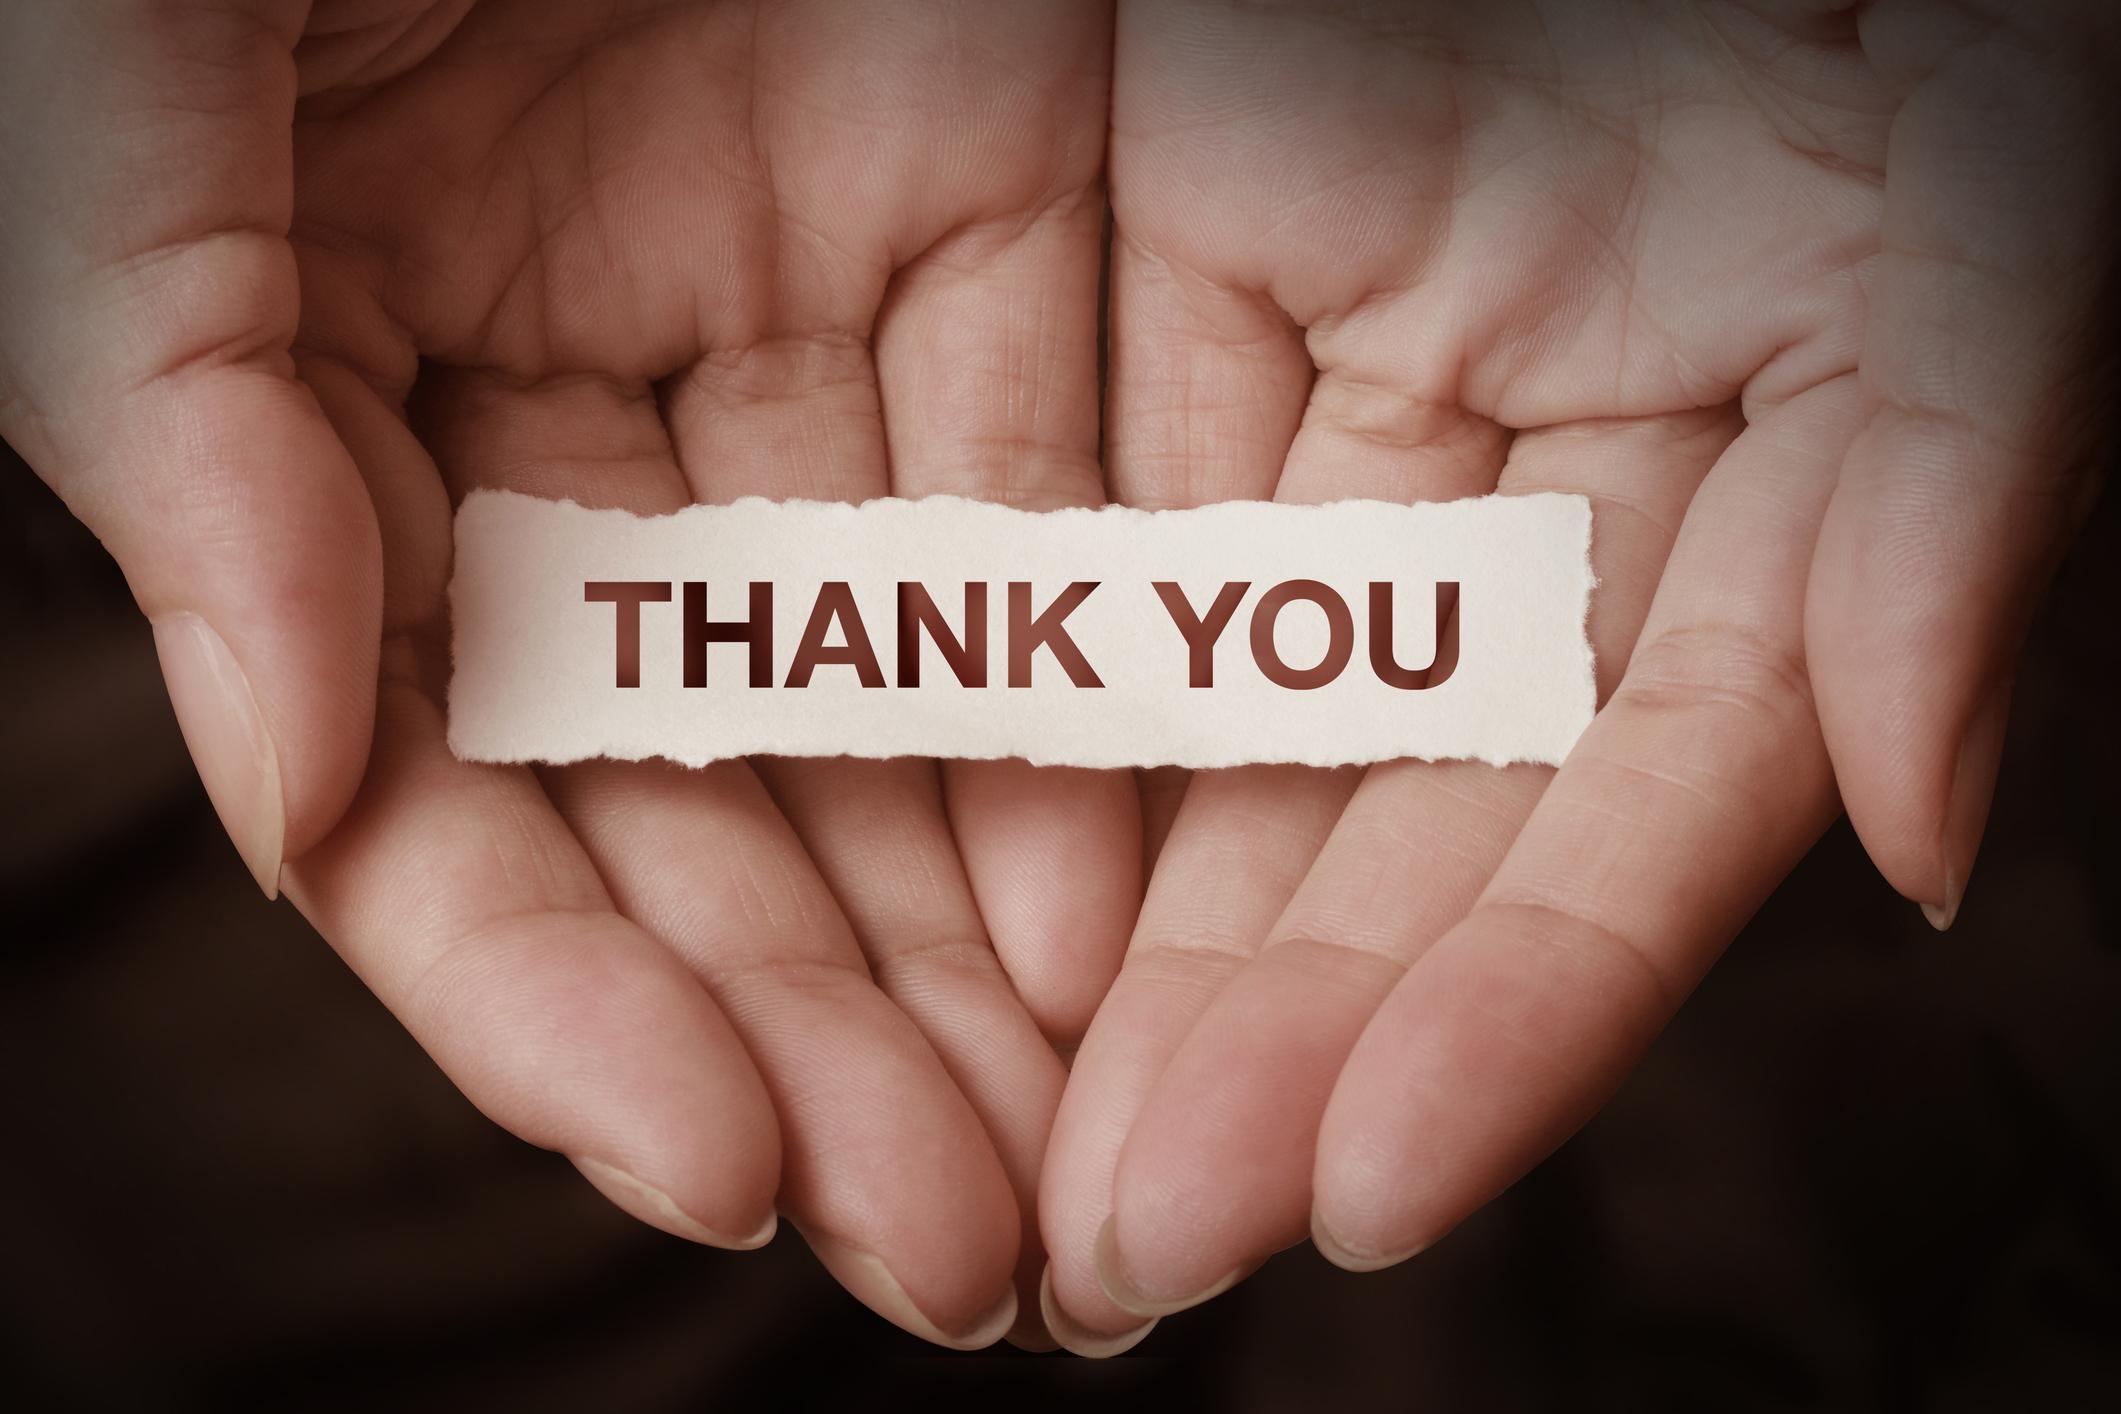 Отделят време да изказват благодарности Благодарността оказва удивителен ефект върху отношенията между хората. Независимо за какво става дума, показвайте своята благодарност към половинката.